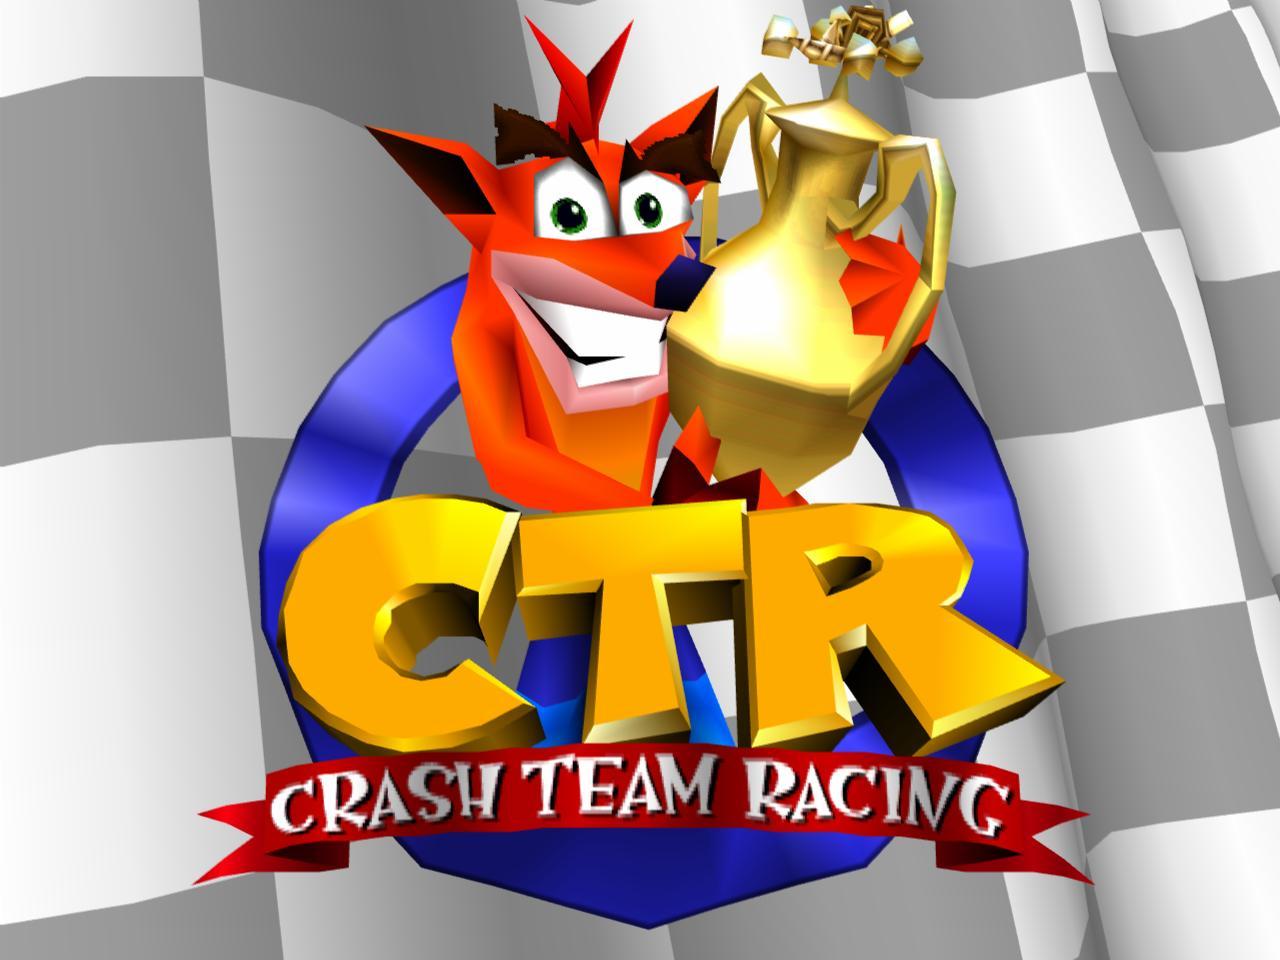 Lista dos 100 melhores jogos de todos os tempos 1657984-crash_team_racing